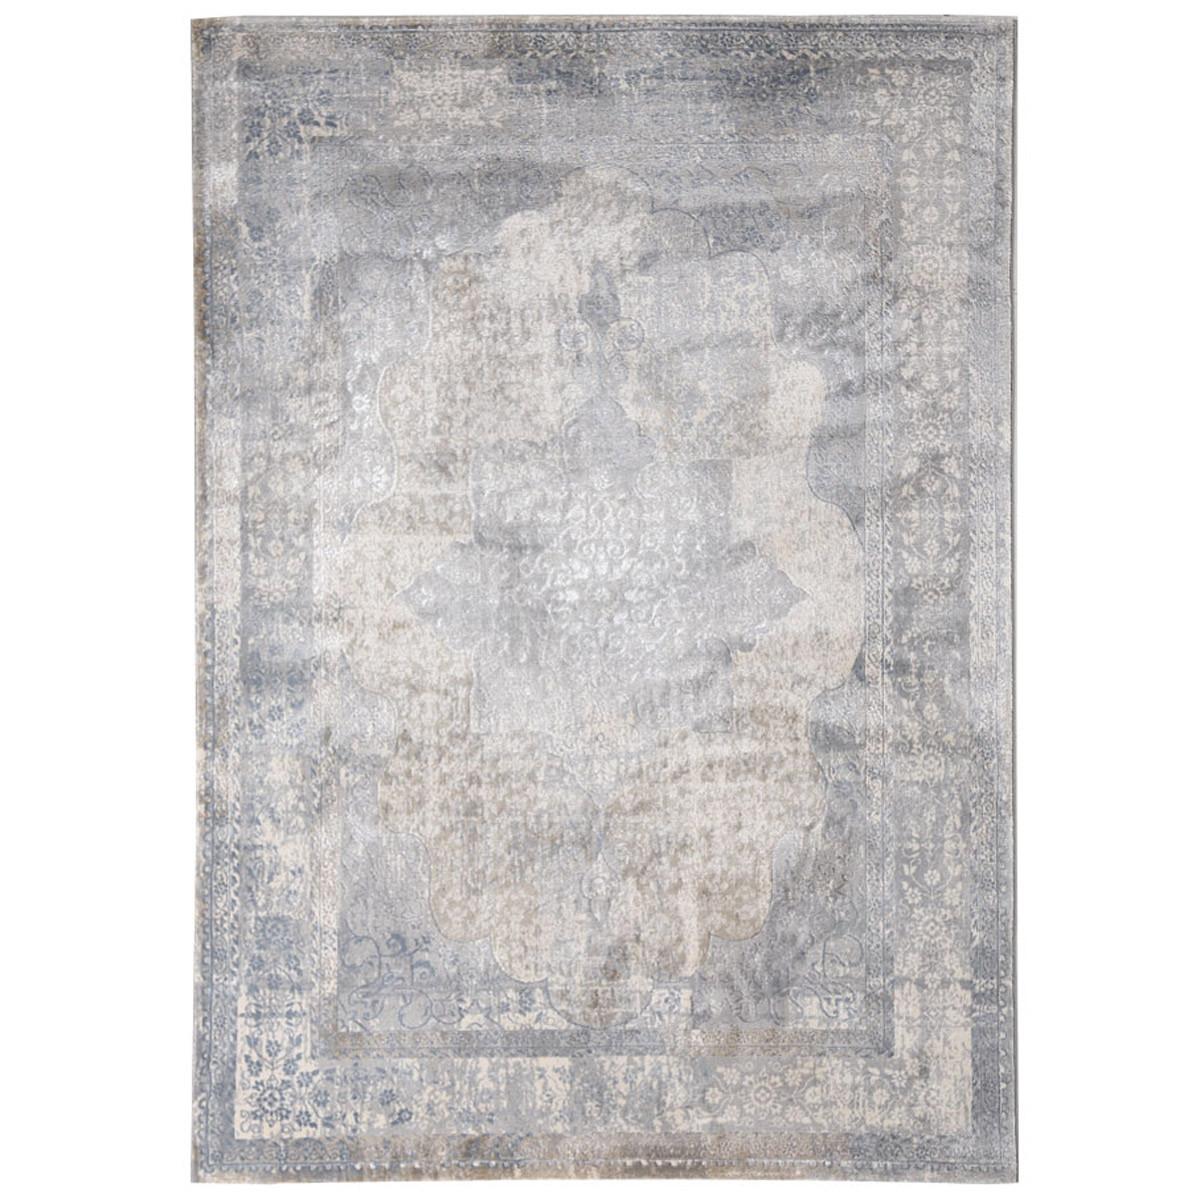 Χαλιά Κρεβατοκάμαρας (Σετ 3τμχ) Royal Carpets Jersey 173 A home   χαλιά   χαλιά κρεβατοκάμαρας